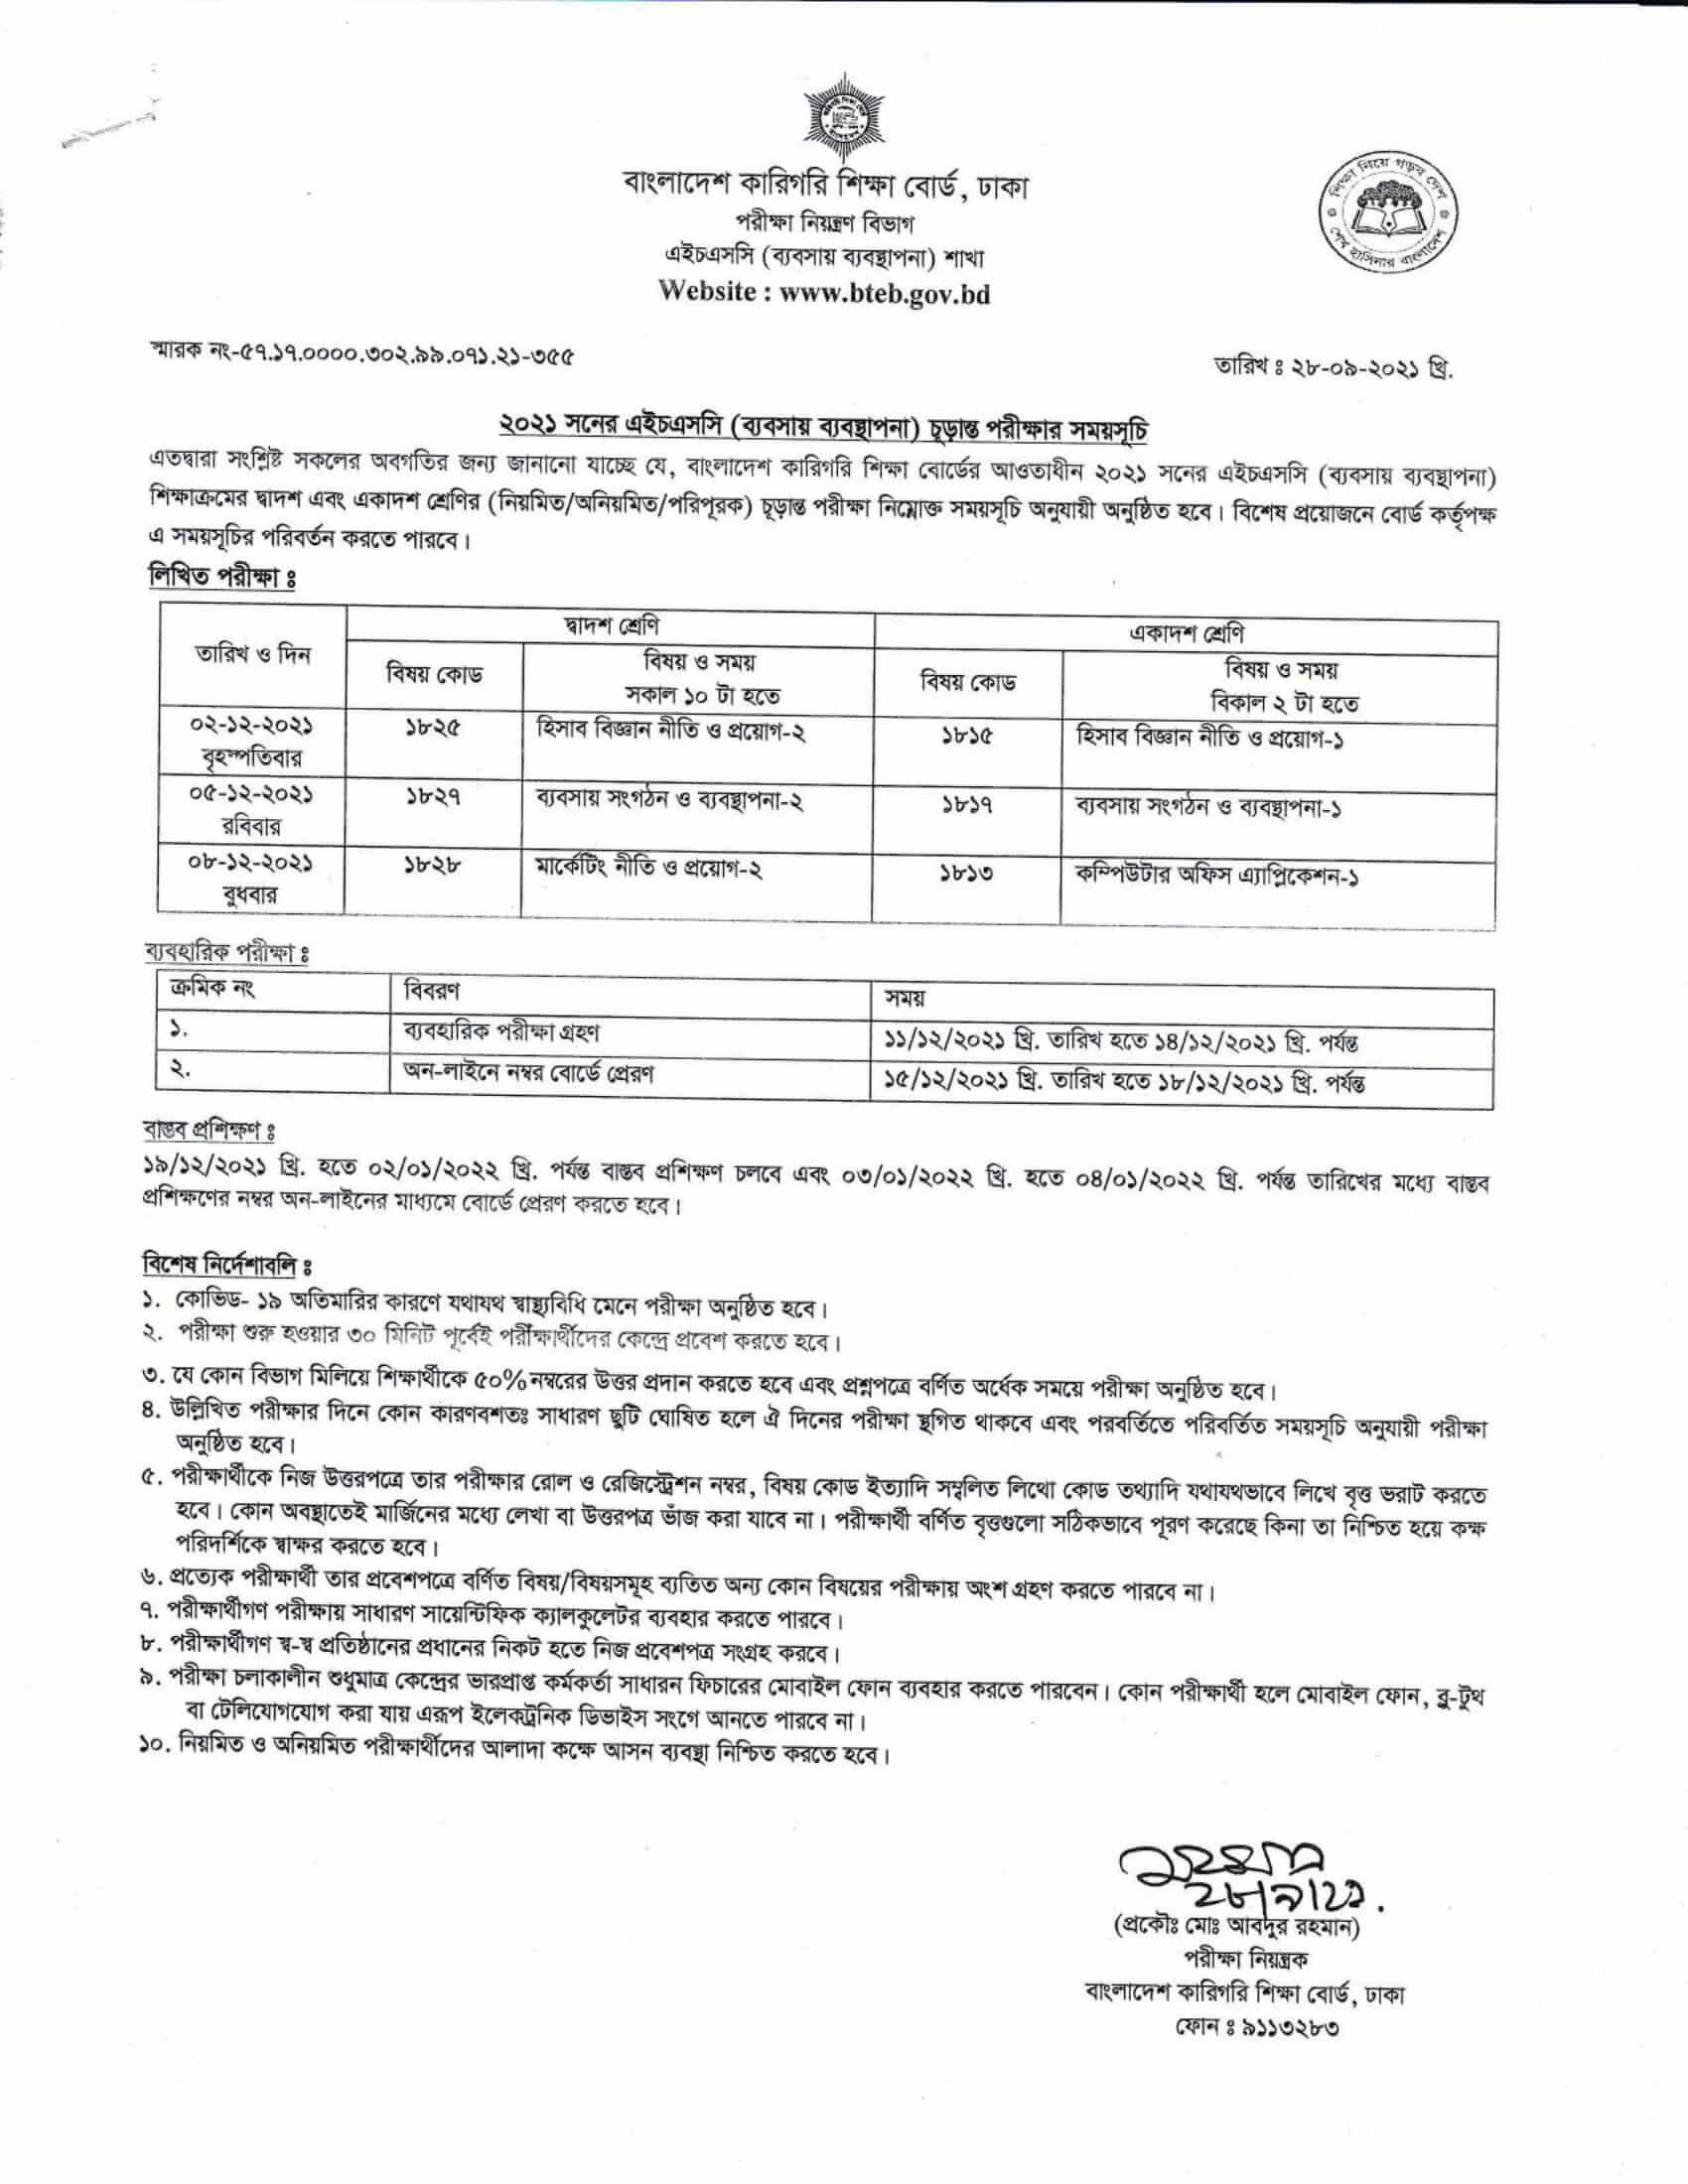 HSC BM Routine 2021 Official